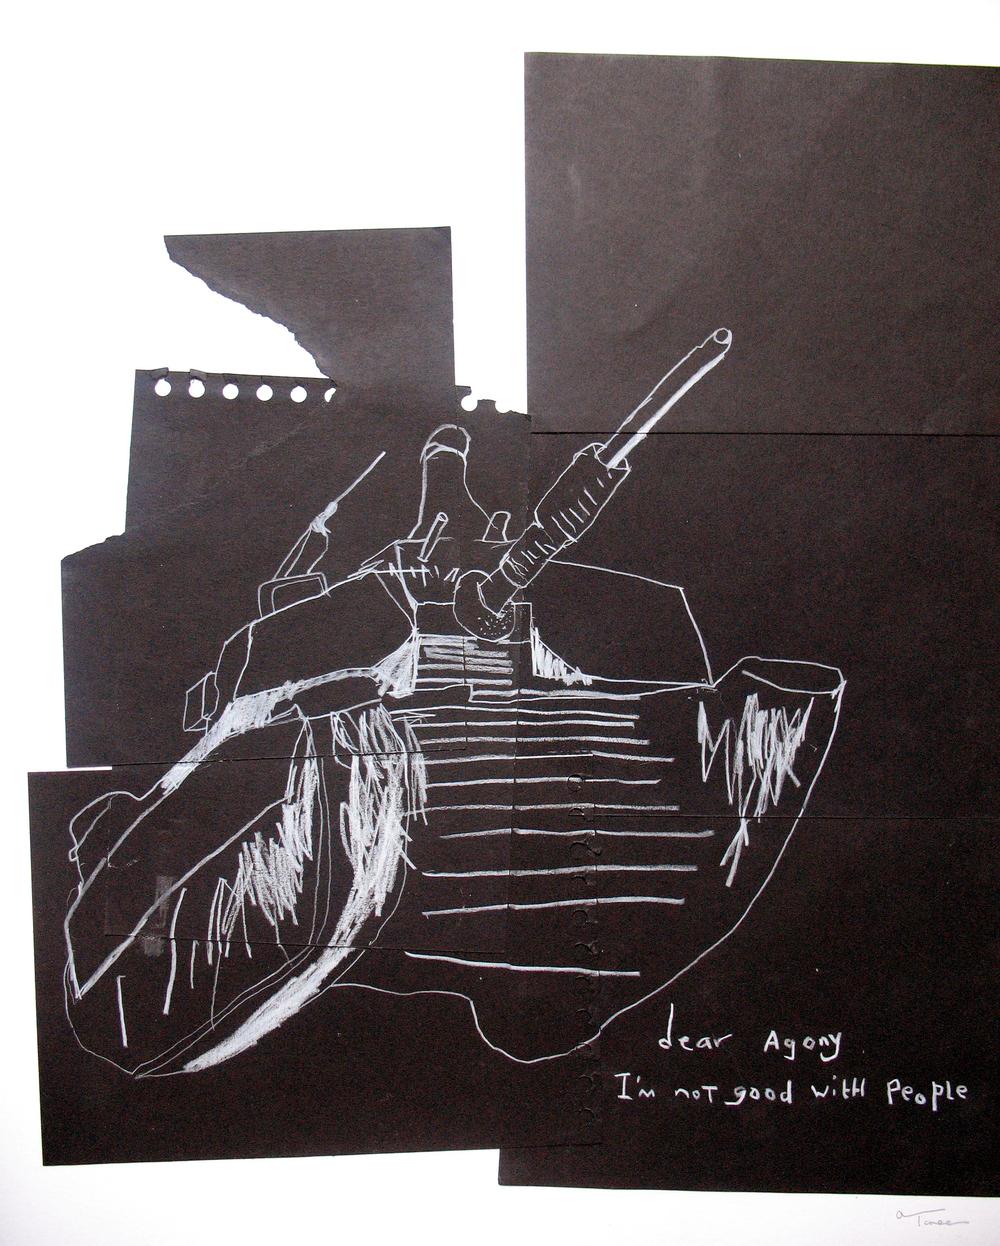 'dear agony', mixed media on paper, 2006